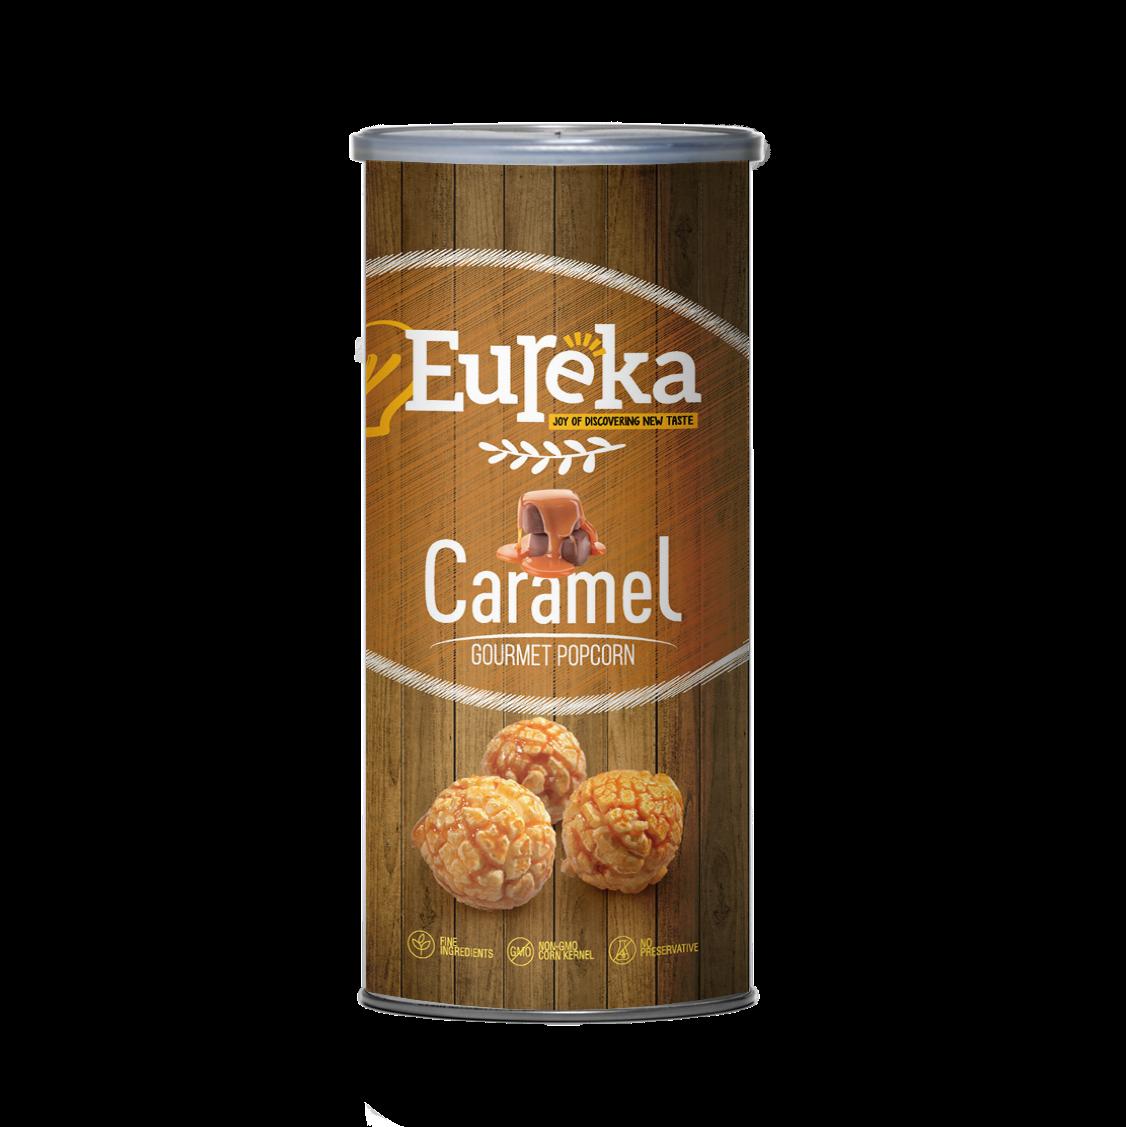 焦糖 -【EUREKA爆米花】★70克派對罐★團購派對聚餐首選零食